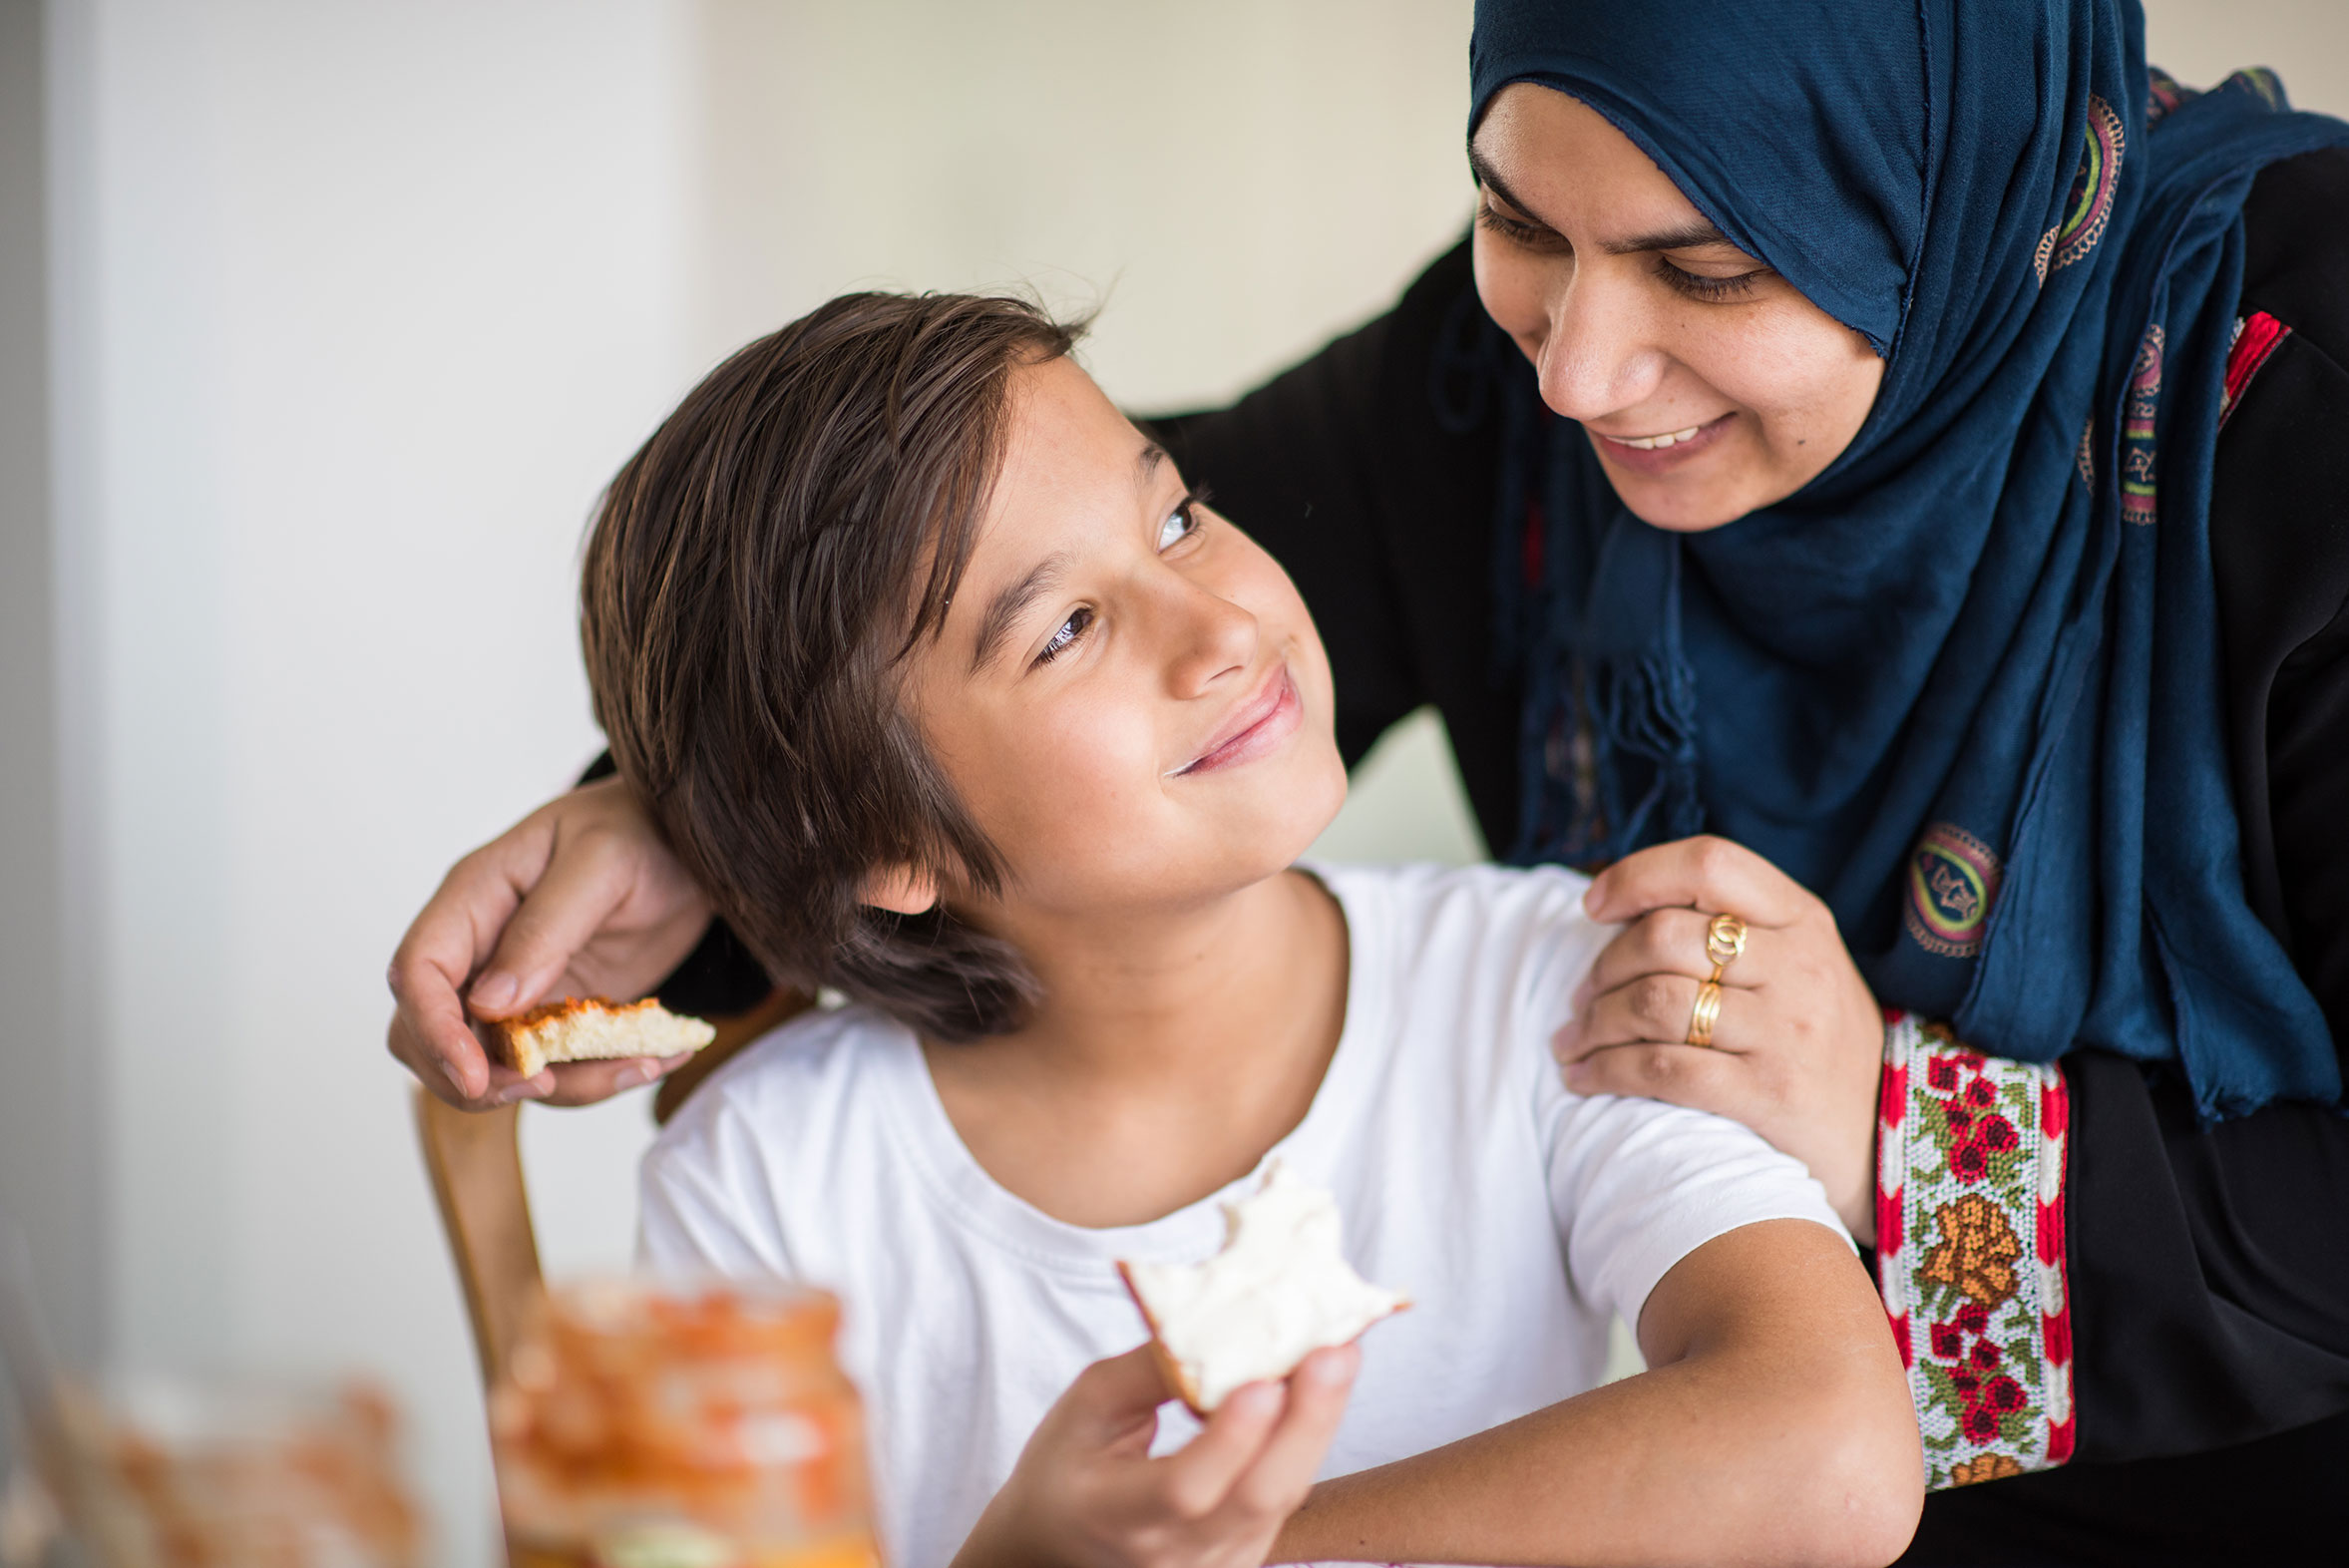 Muslimische Frau mit Kind beim Essen